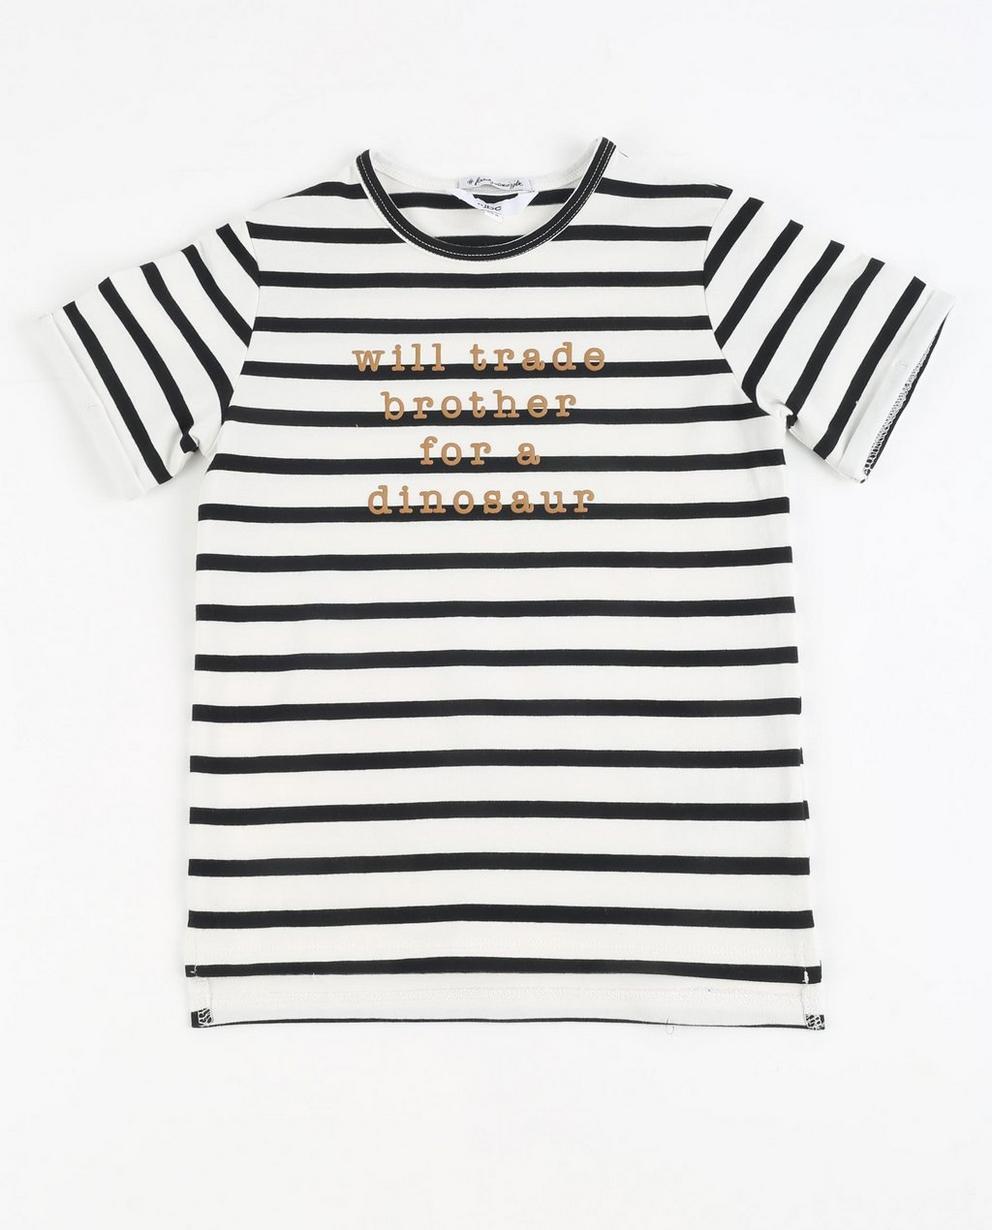 Gestreept T-shirt - #familystoriesjbc - JBC